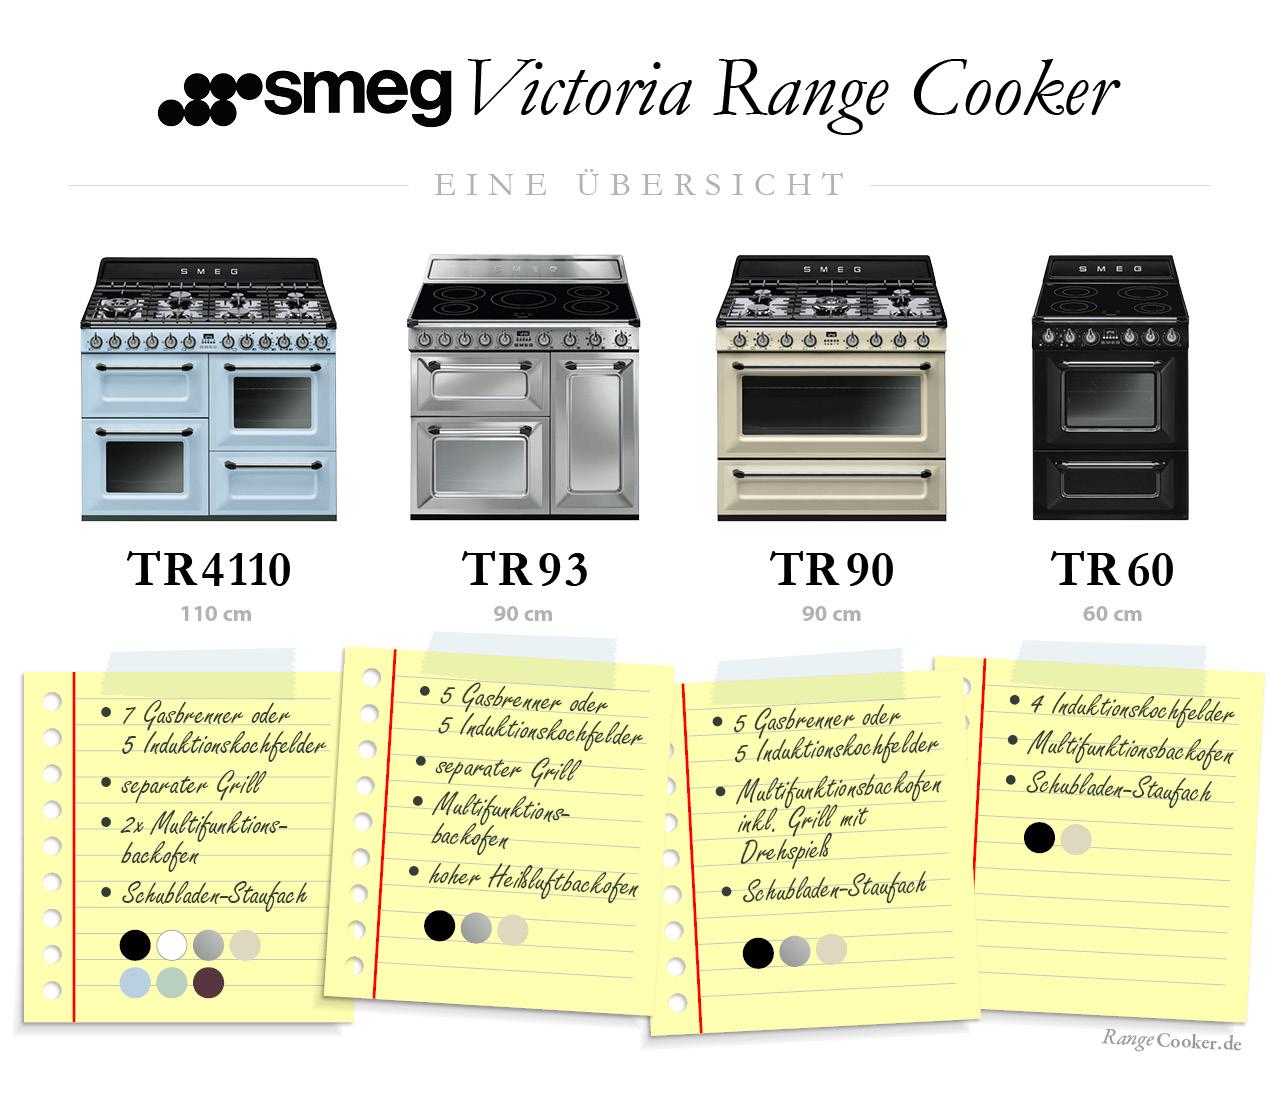 Smeg Victoria Range Cooker – eine Übersicht